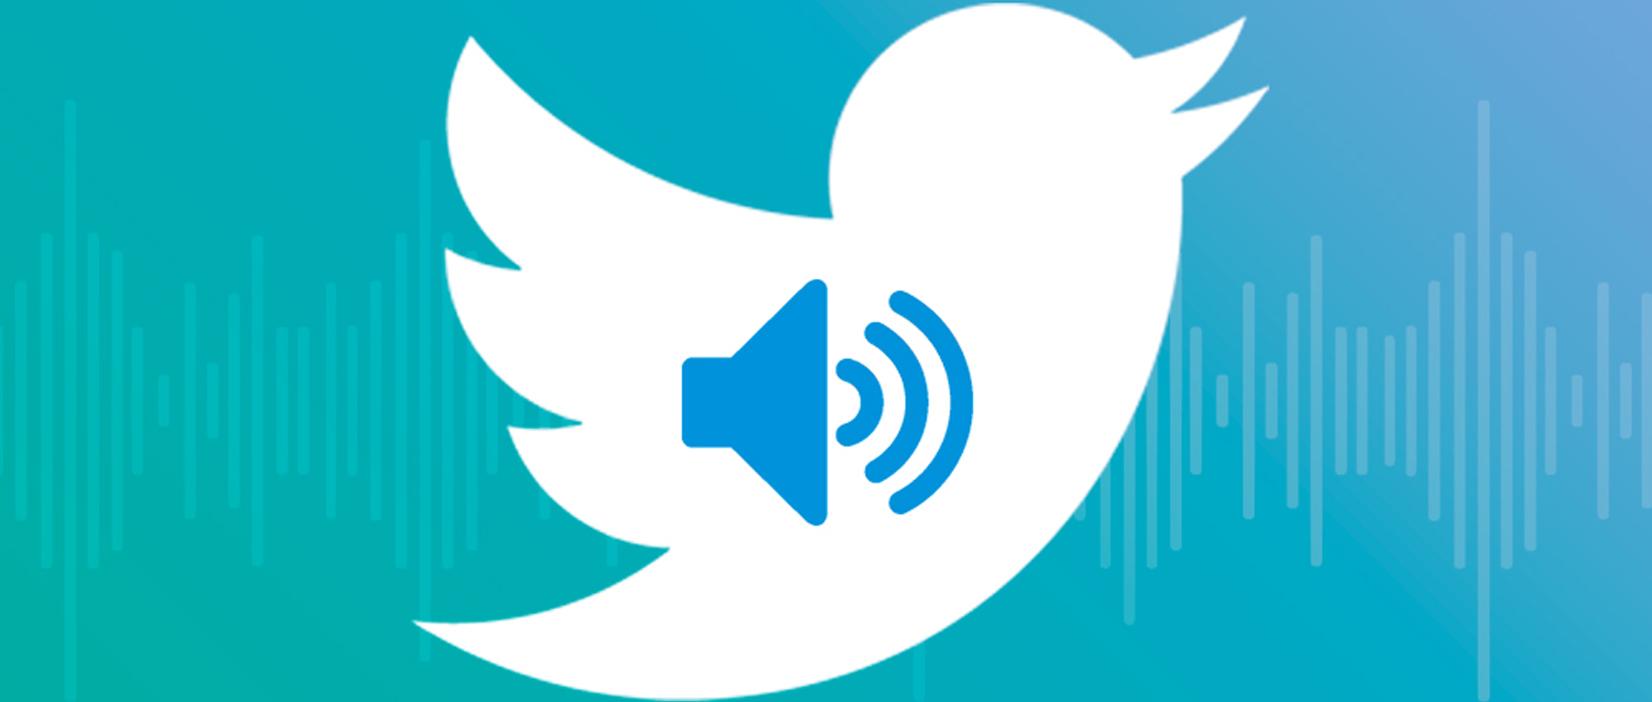 Las notas de audio llegan a Twitter